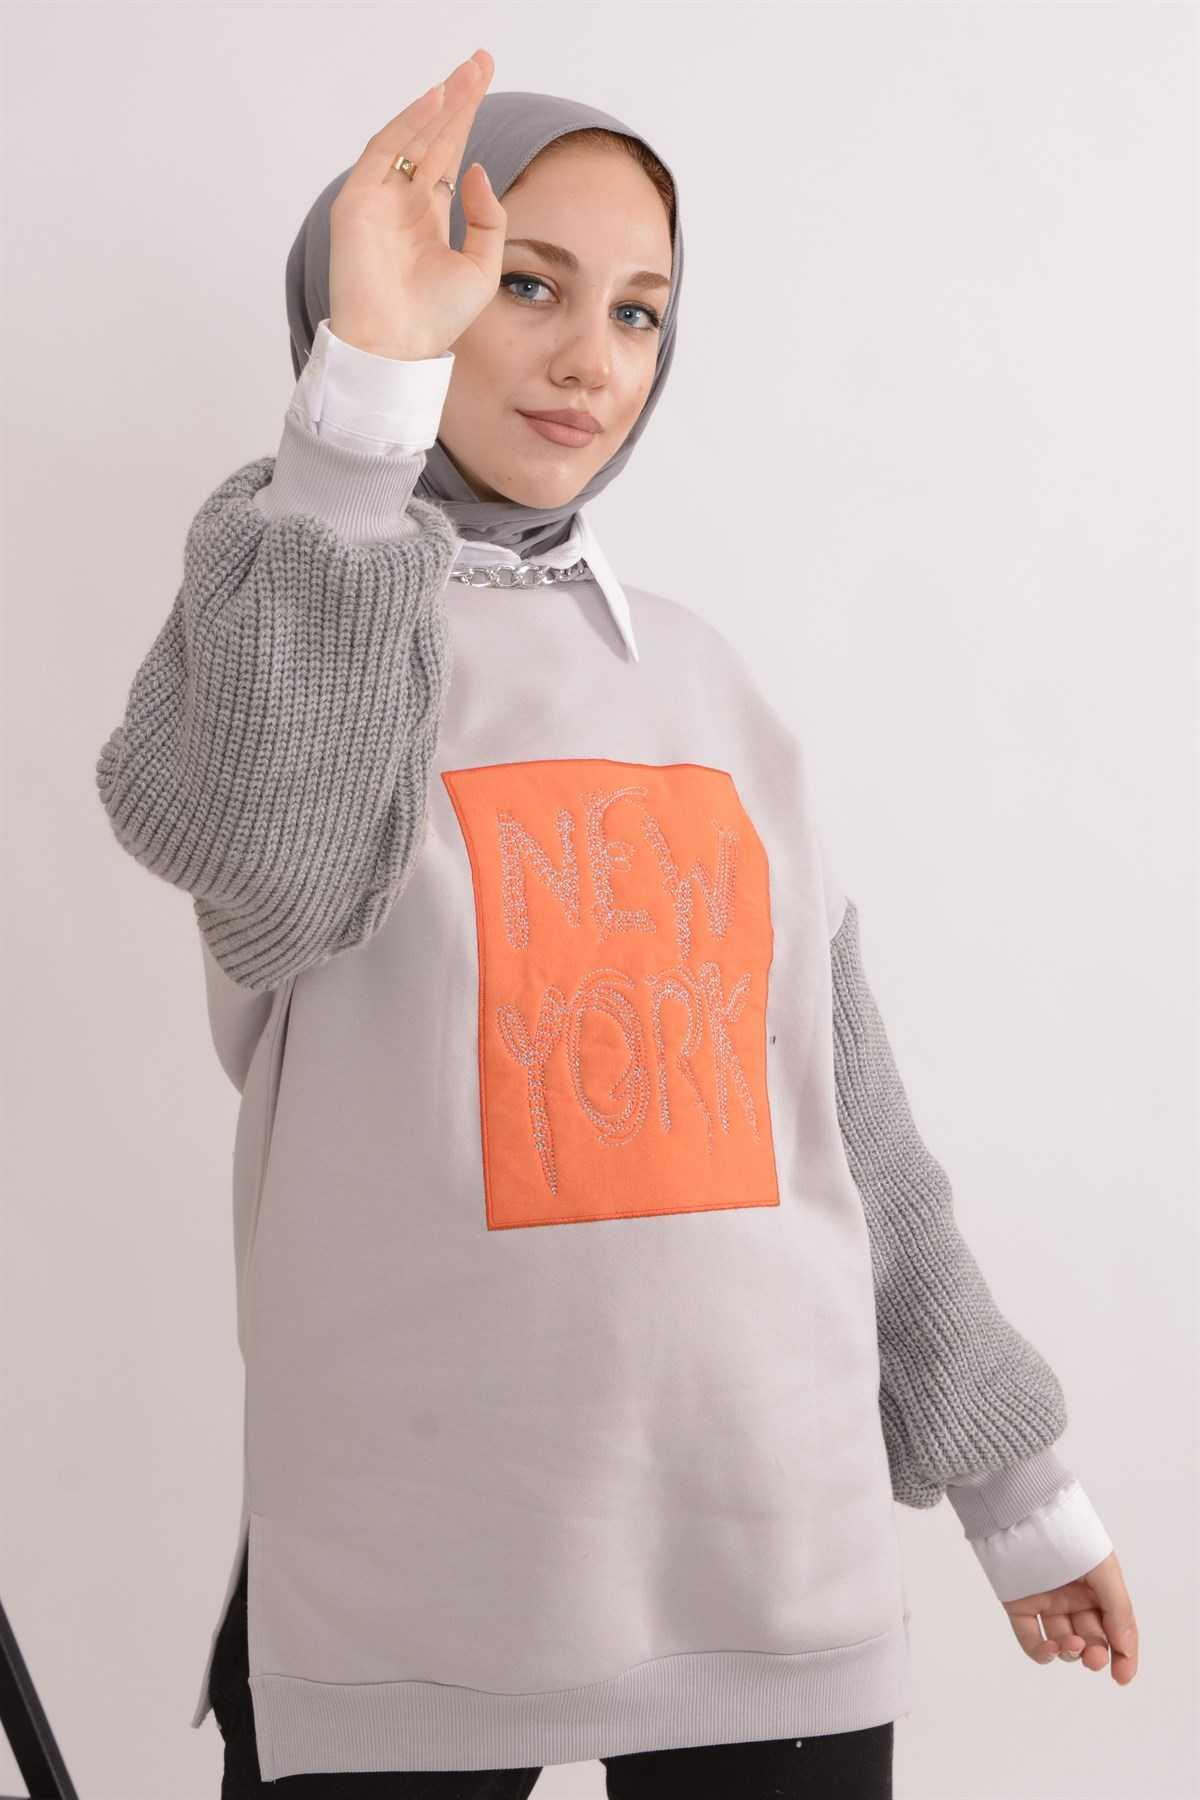 Koçin Butik Yazı Baskılı Tesettür Sweatshirt Modelleri